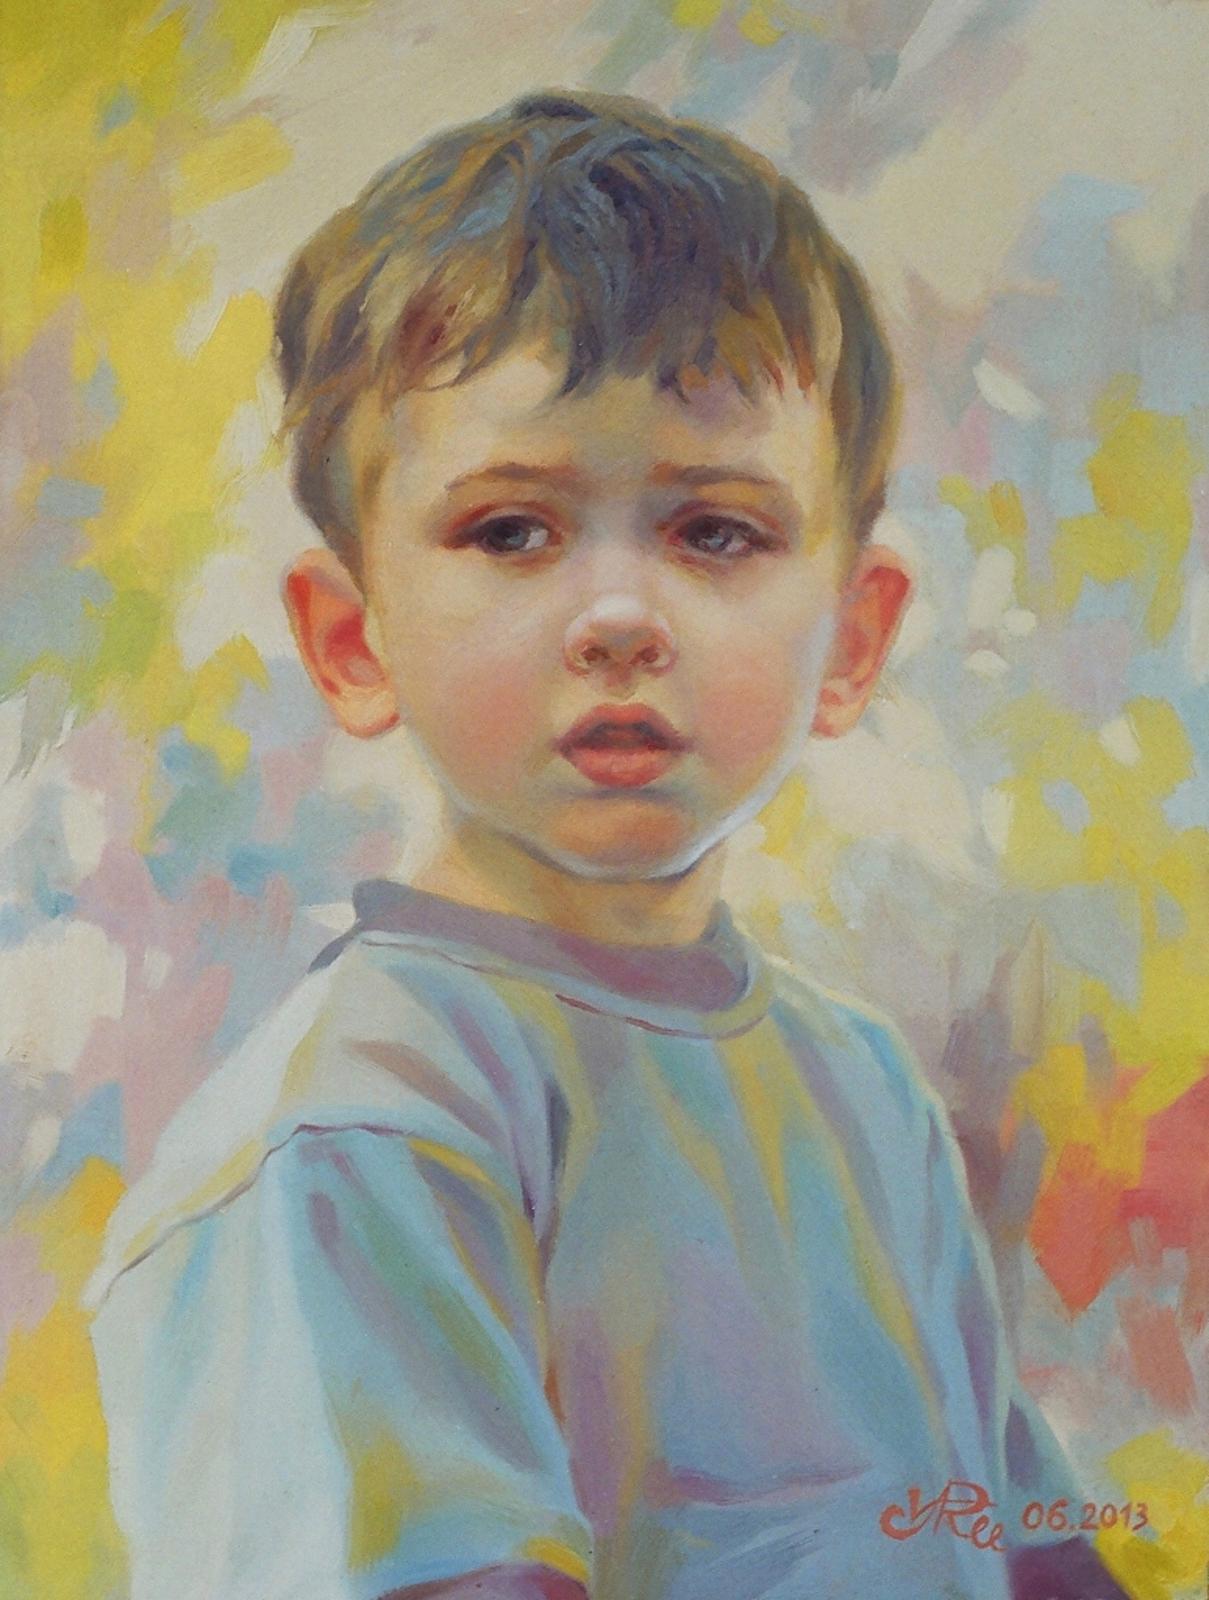 портрет маленького хлопчика